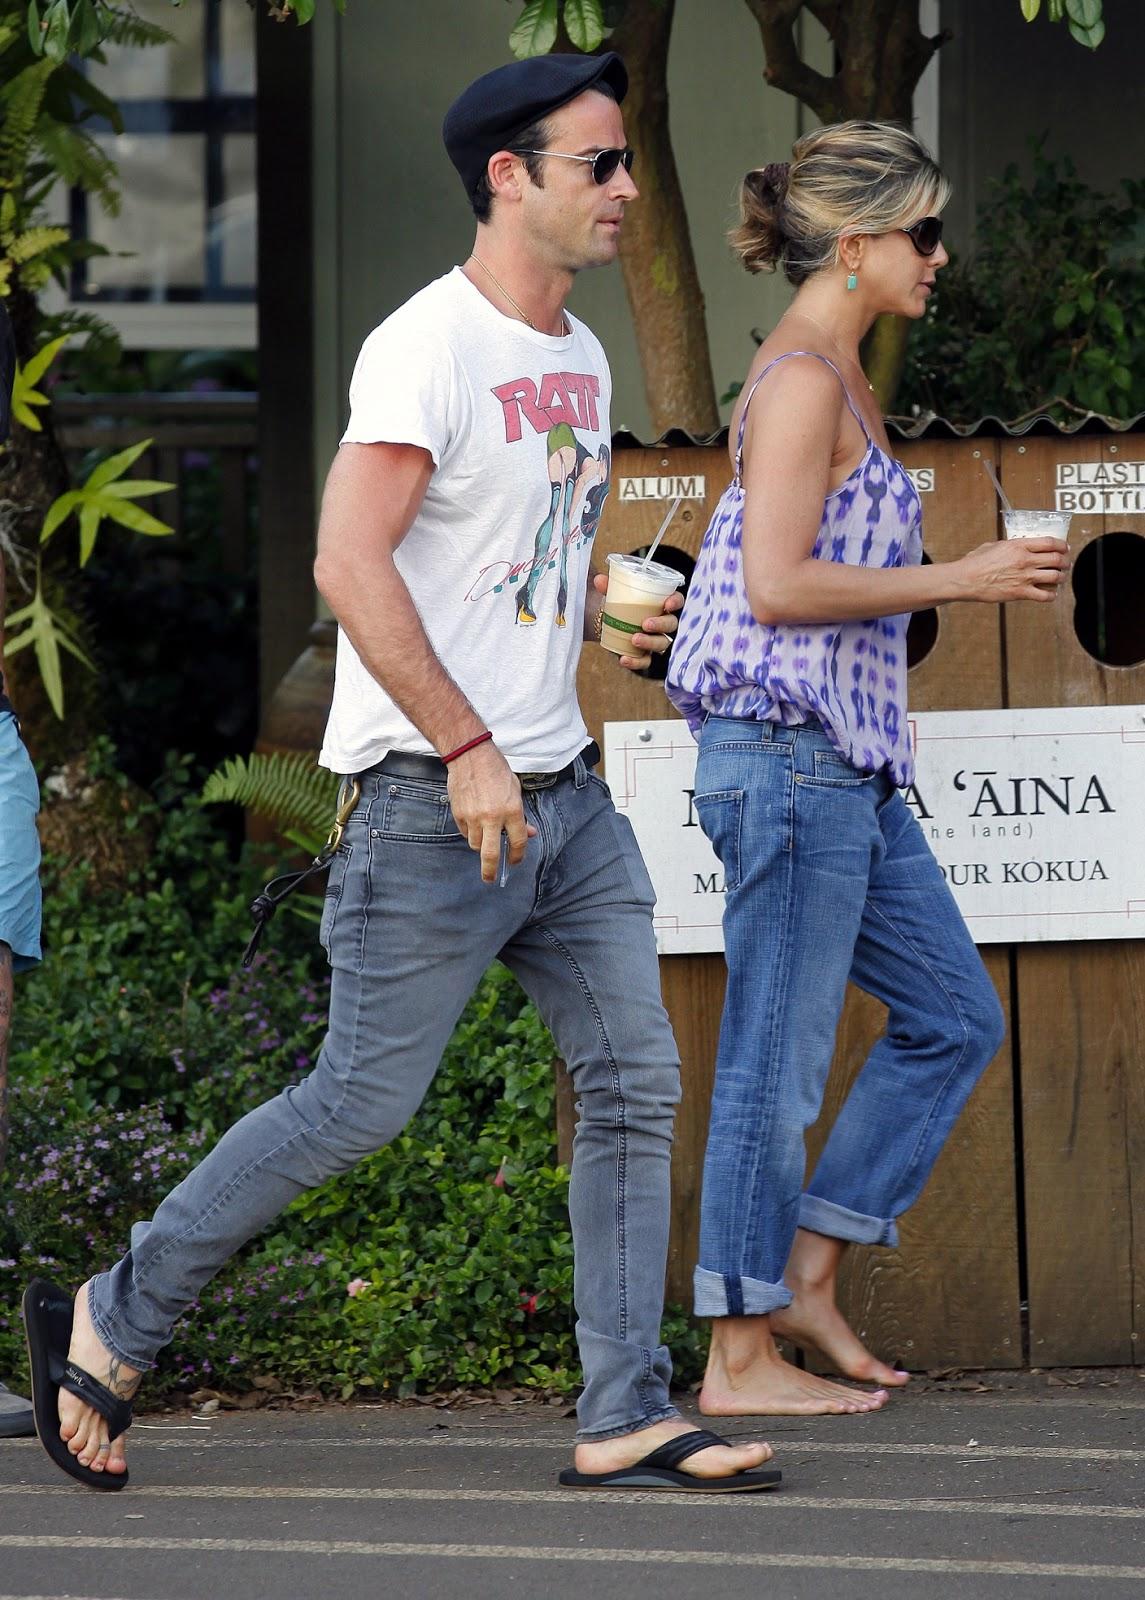 http://1.bp.blogspot.com/-tLMuoGs8uYk/Twym2oSV04I/AAAAAAAAAfk/z5BYaGako4s/s1600/Jennifer-Aniston-Feet-472576.jpg